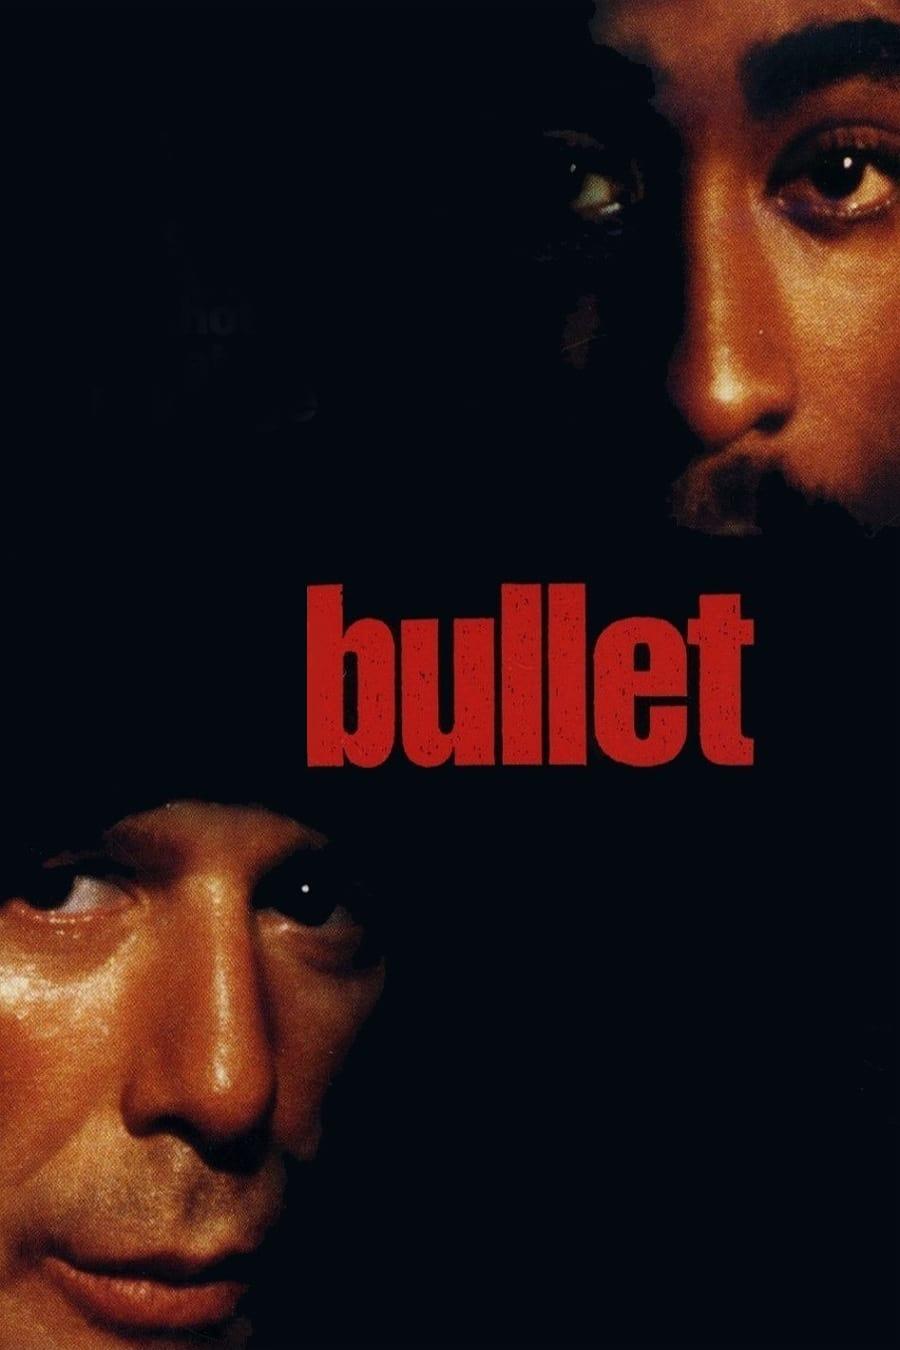 دانلود زیرنویس فارسی فیلم Bullet 1996